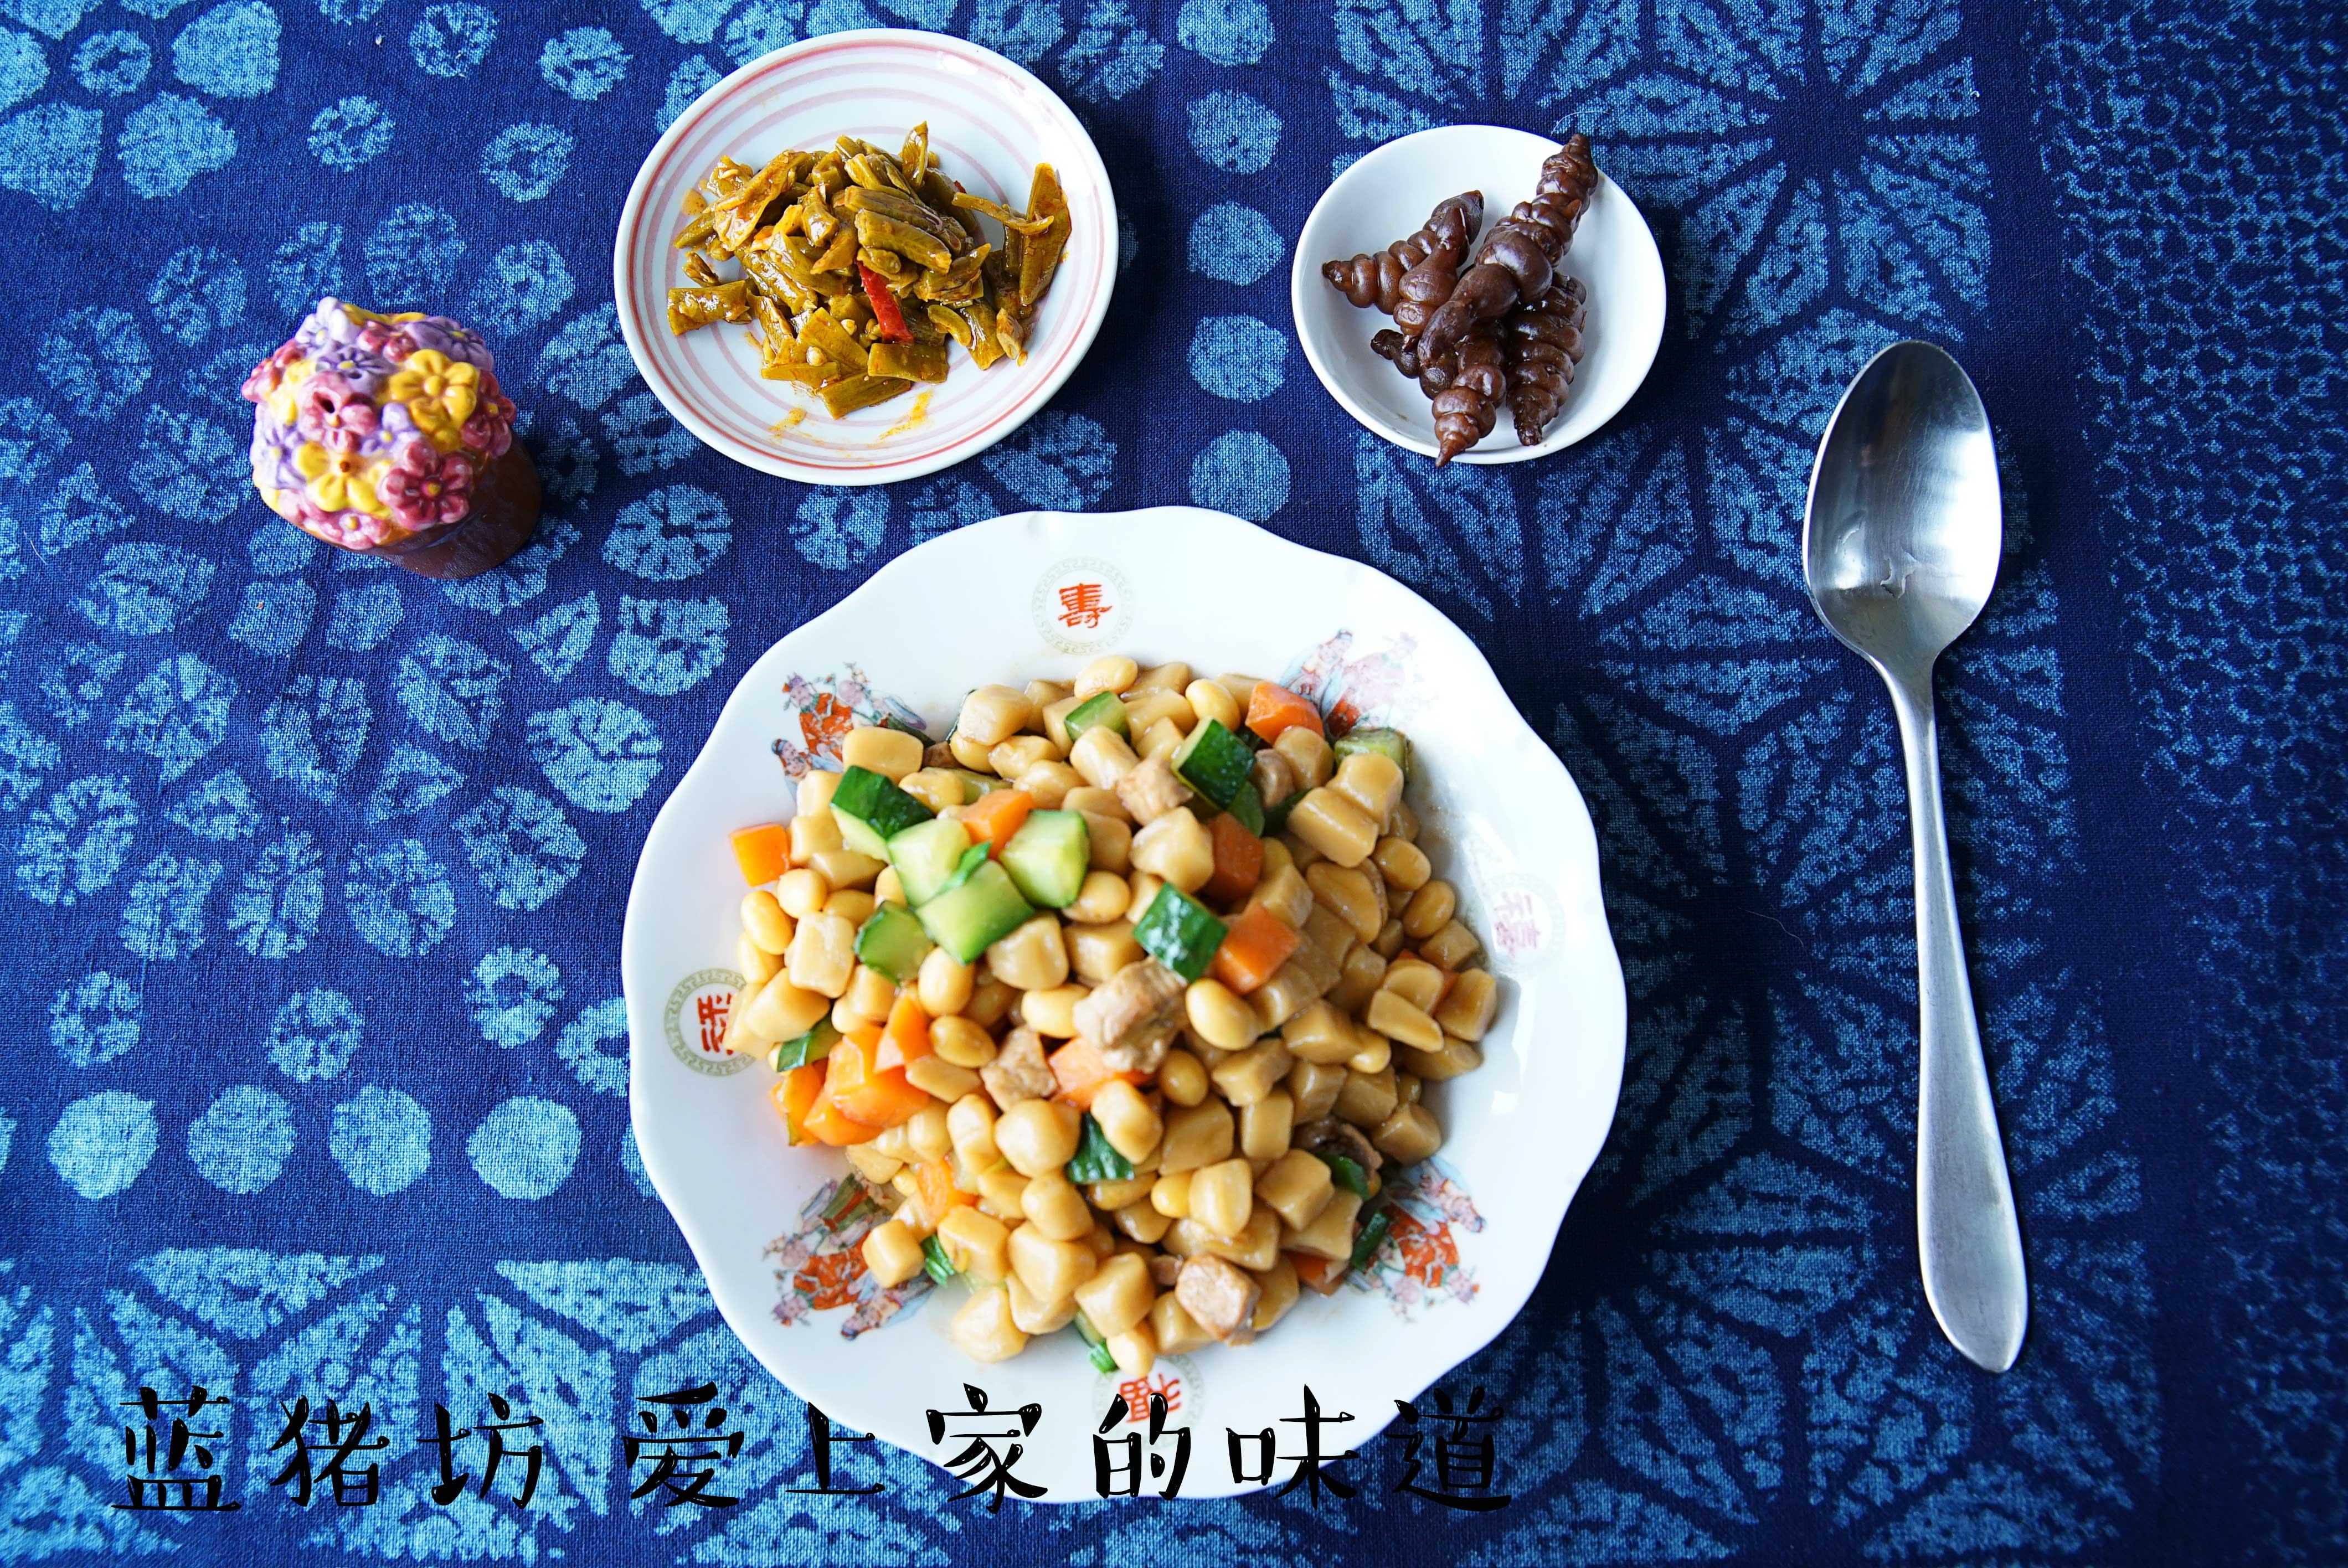 """""""穆桂英""""与""""炒疙瘩"""",美食里还有你不知道的故事 - 蓝冰滢 - 蓝猪坊 创意美食工作室"""